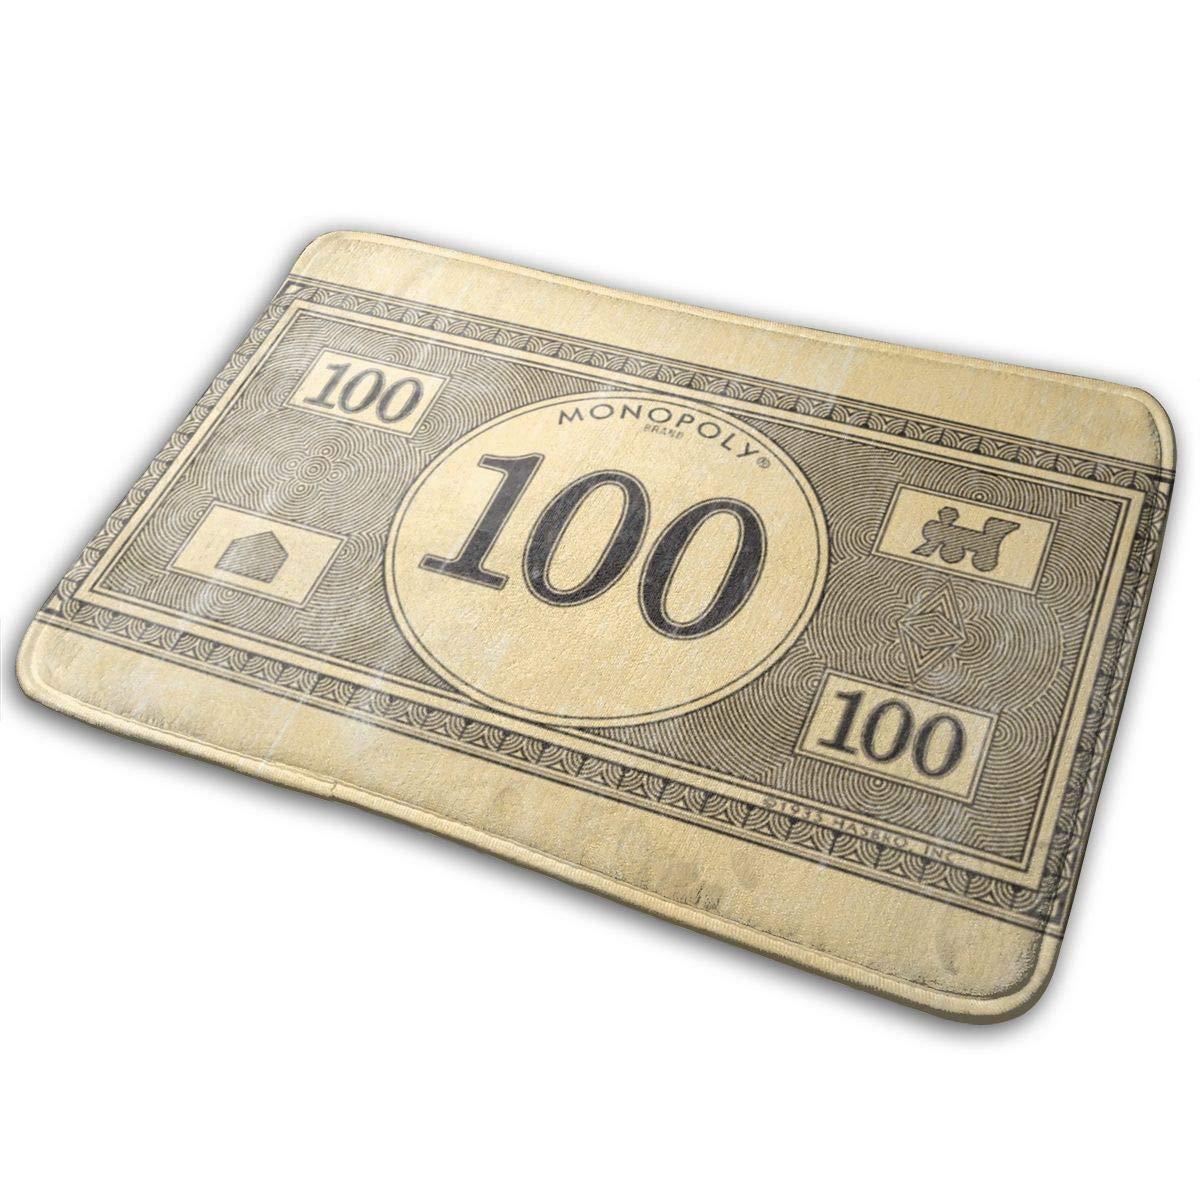 Indoor/Outdoor Mats Monopoly Vintage 100 Dollar Bill Bath Mat Door Mat Bathroom Mats Home Decoration Non Slip Water Bath Mat Doormat Entrance Rug 23.6''x15.7''